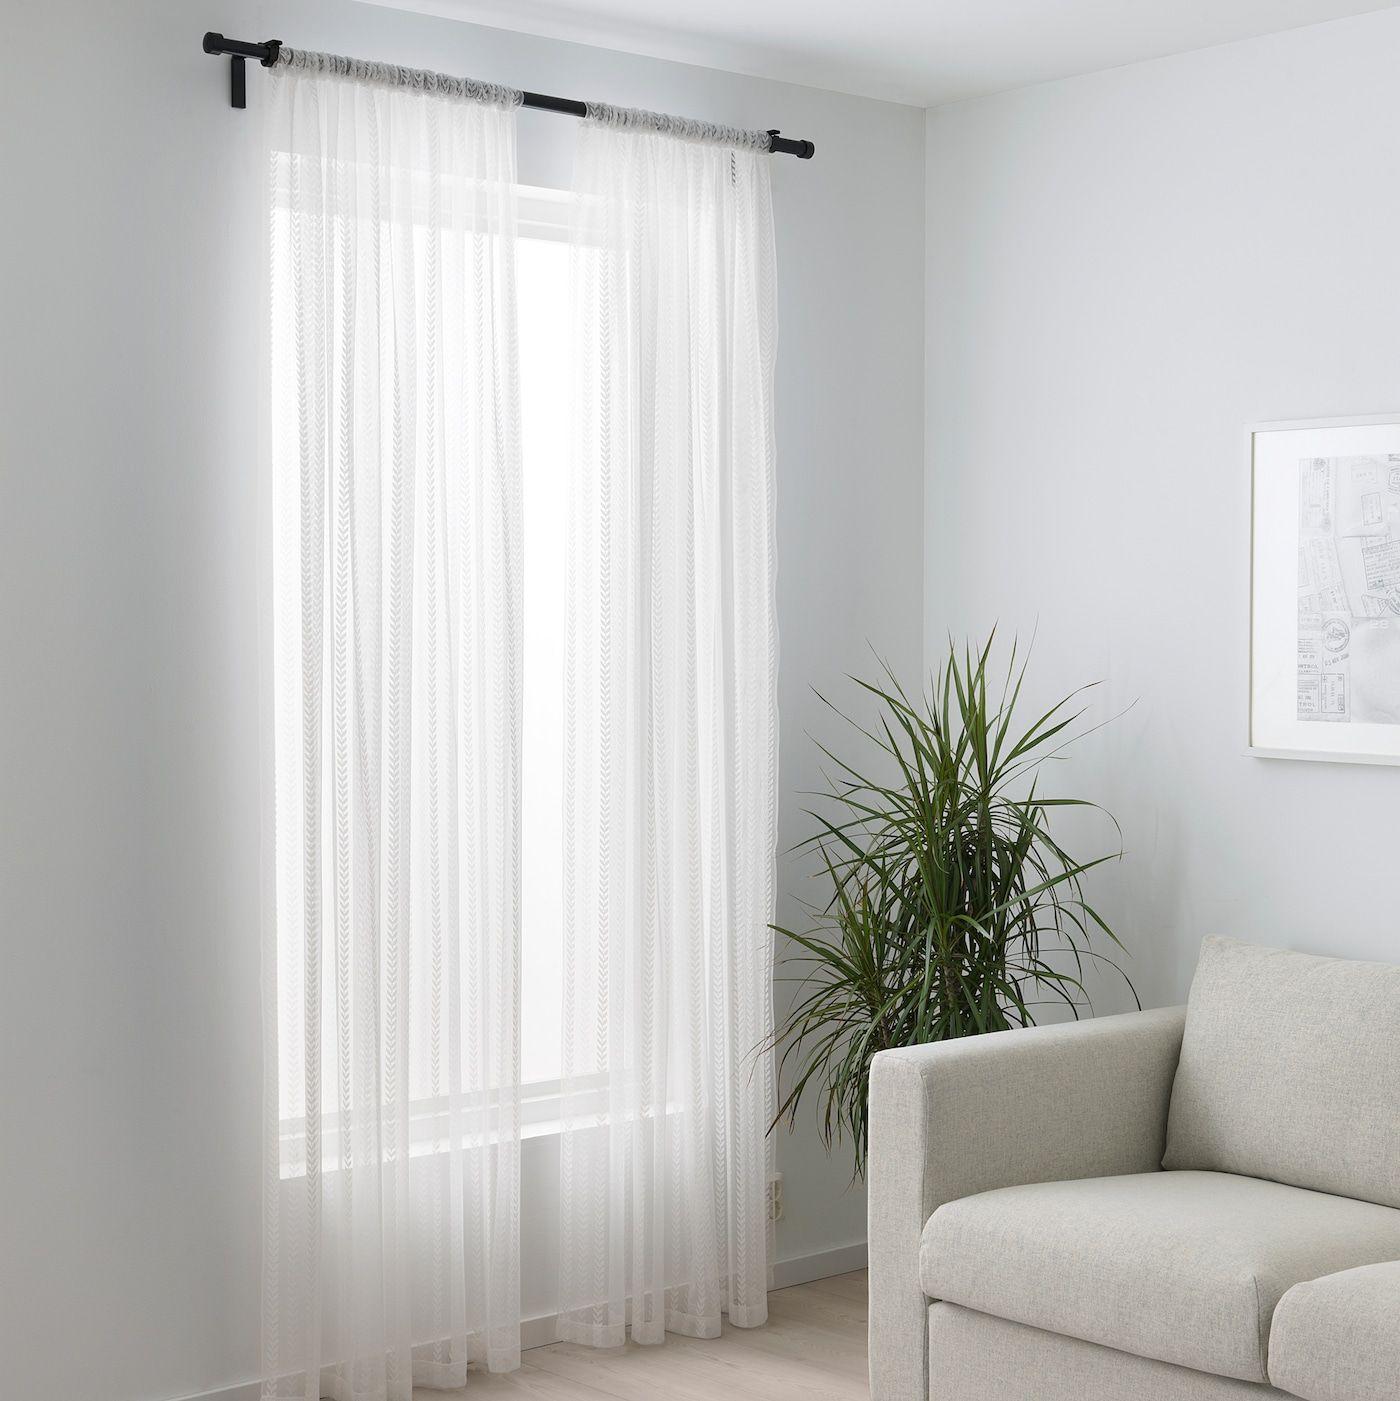 IngbjÖrg Gardinenstore Paar Weiß Pfeil Vorhänge Wohnzimmer Schlafzimmer Vorhänge Vorhänge